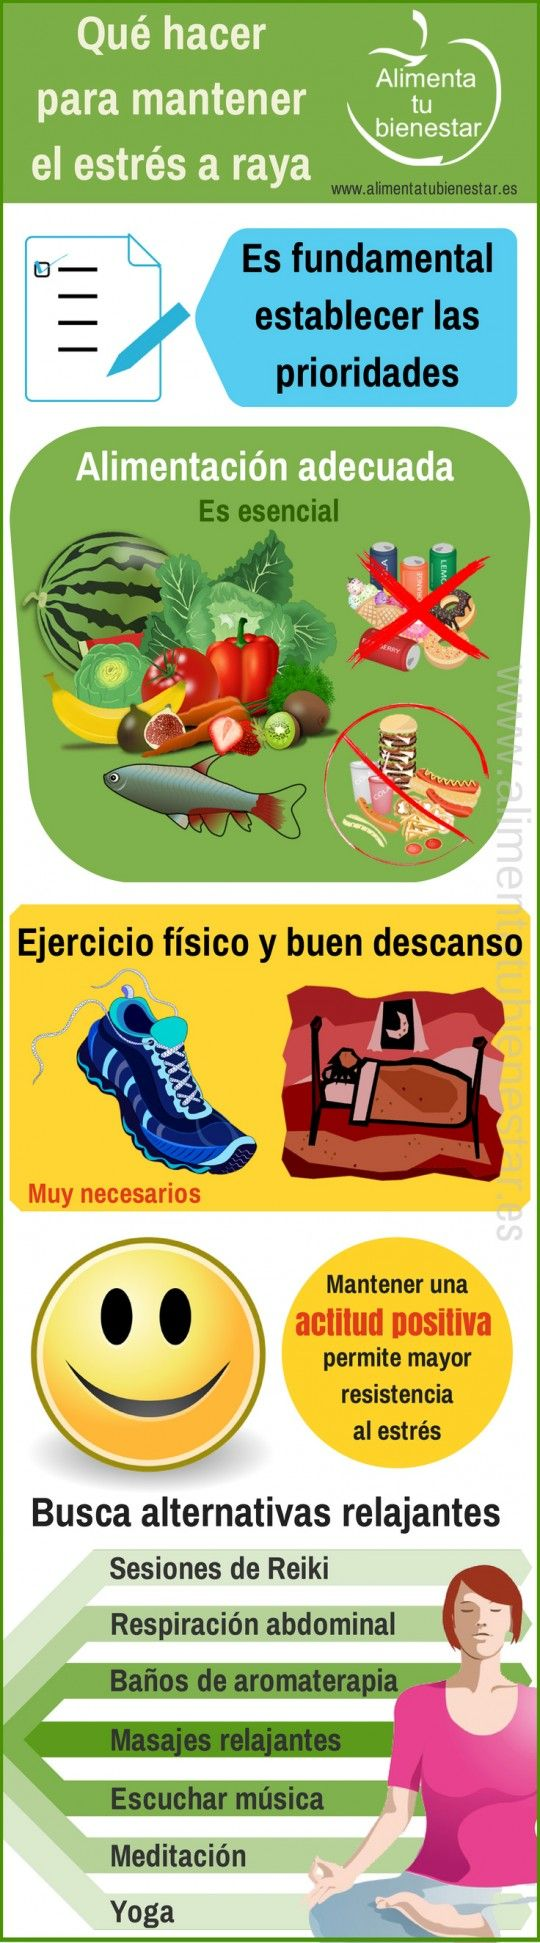 Compartimos contigo esta infografía diseñada por www.alimentatubienestar.es con recomendaciones para controlar el #Estrés